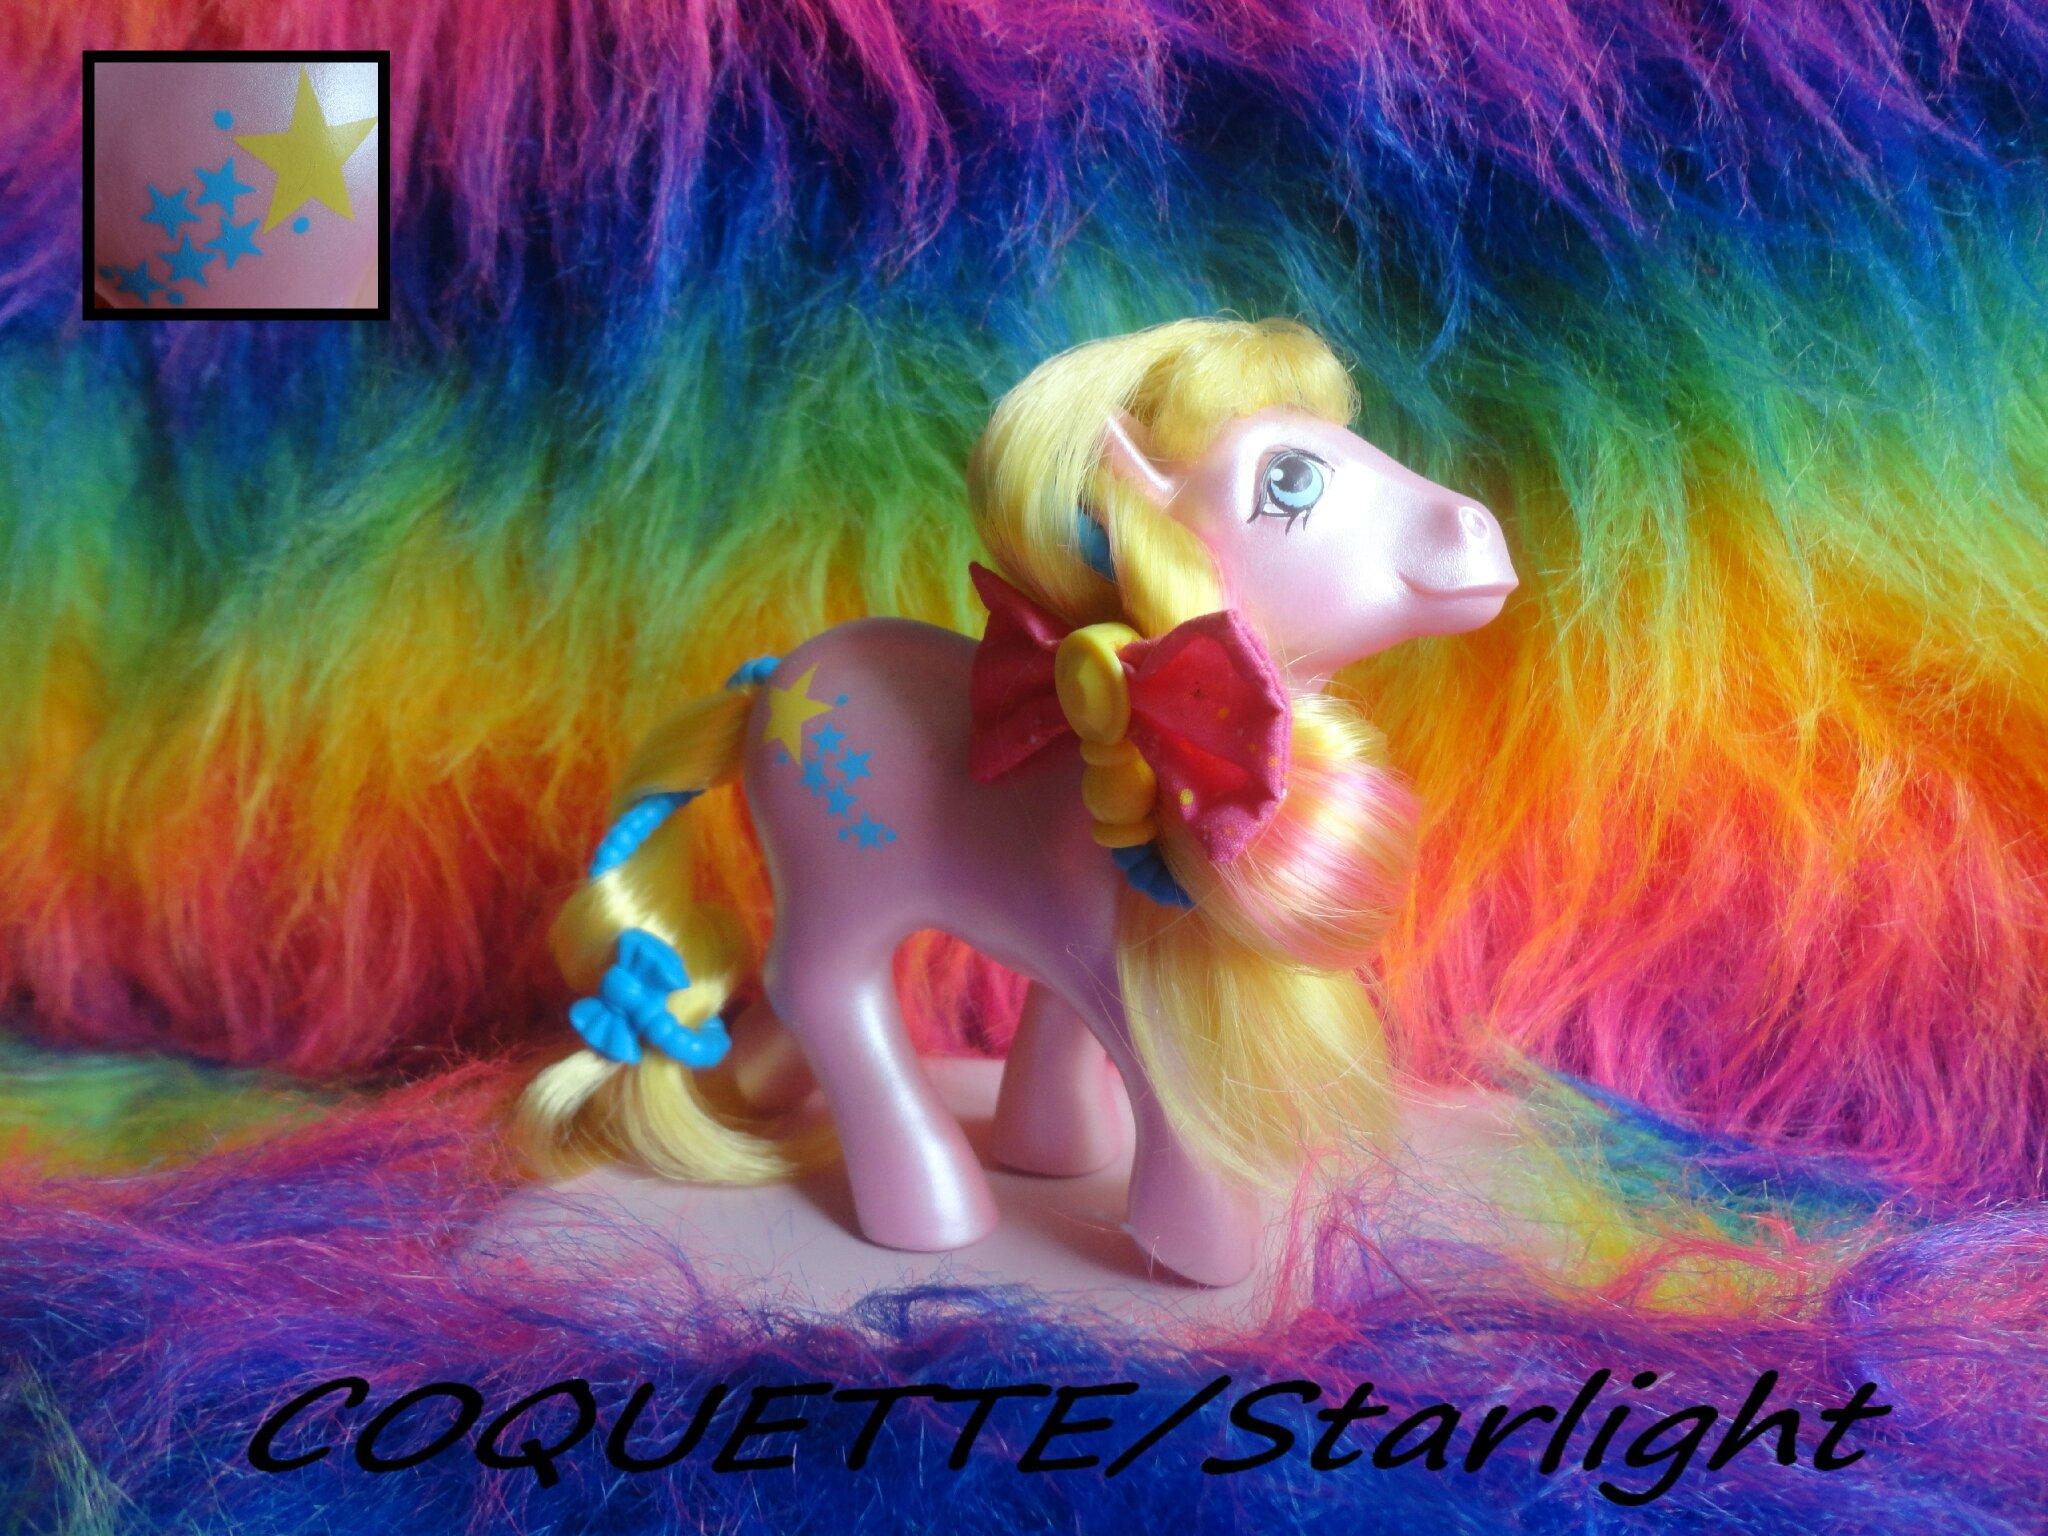 COQUETTE (Starlight)